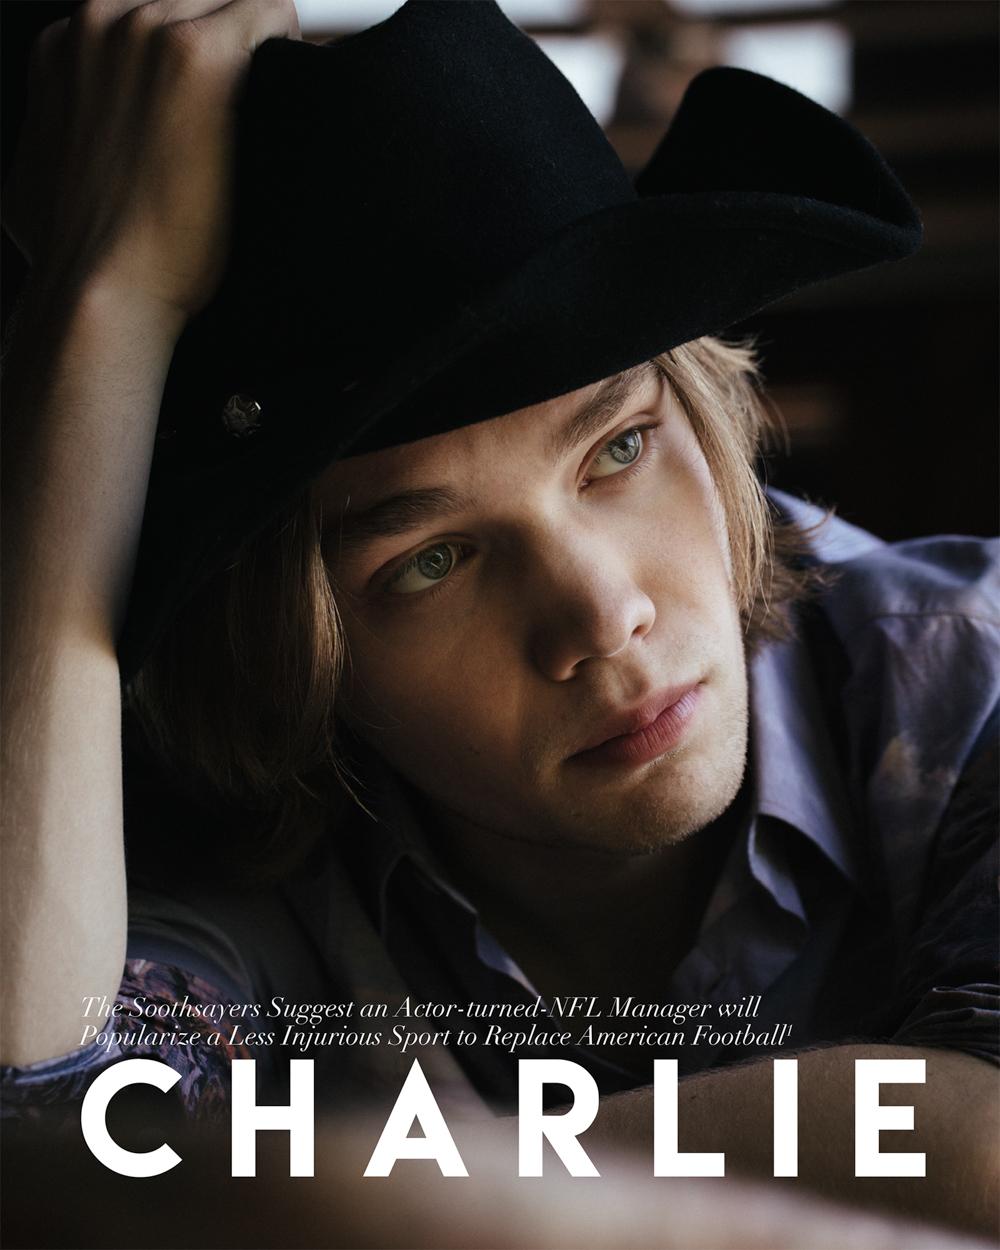 161-CHARLIE PLUMMER-1.jpg